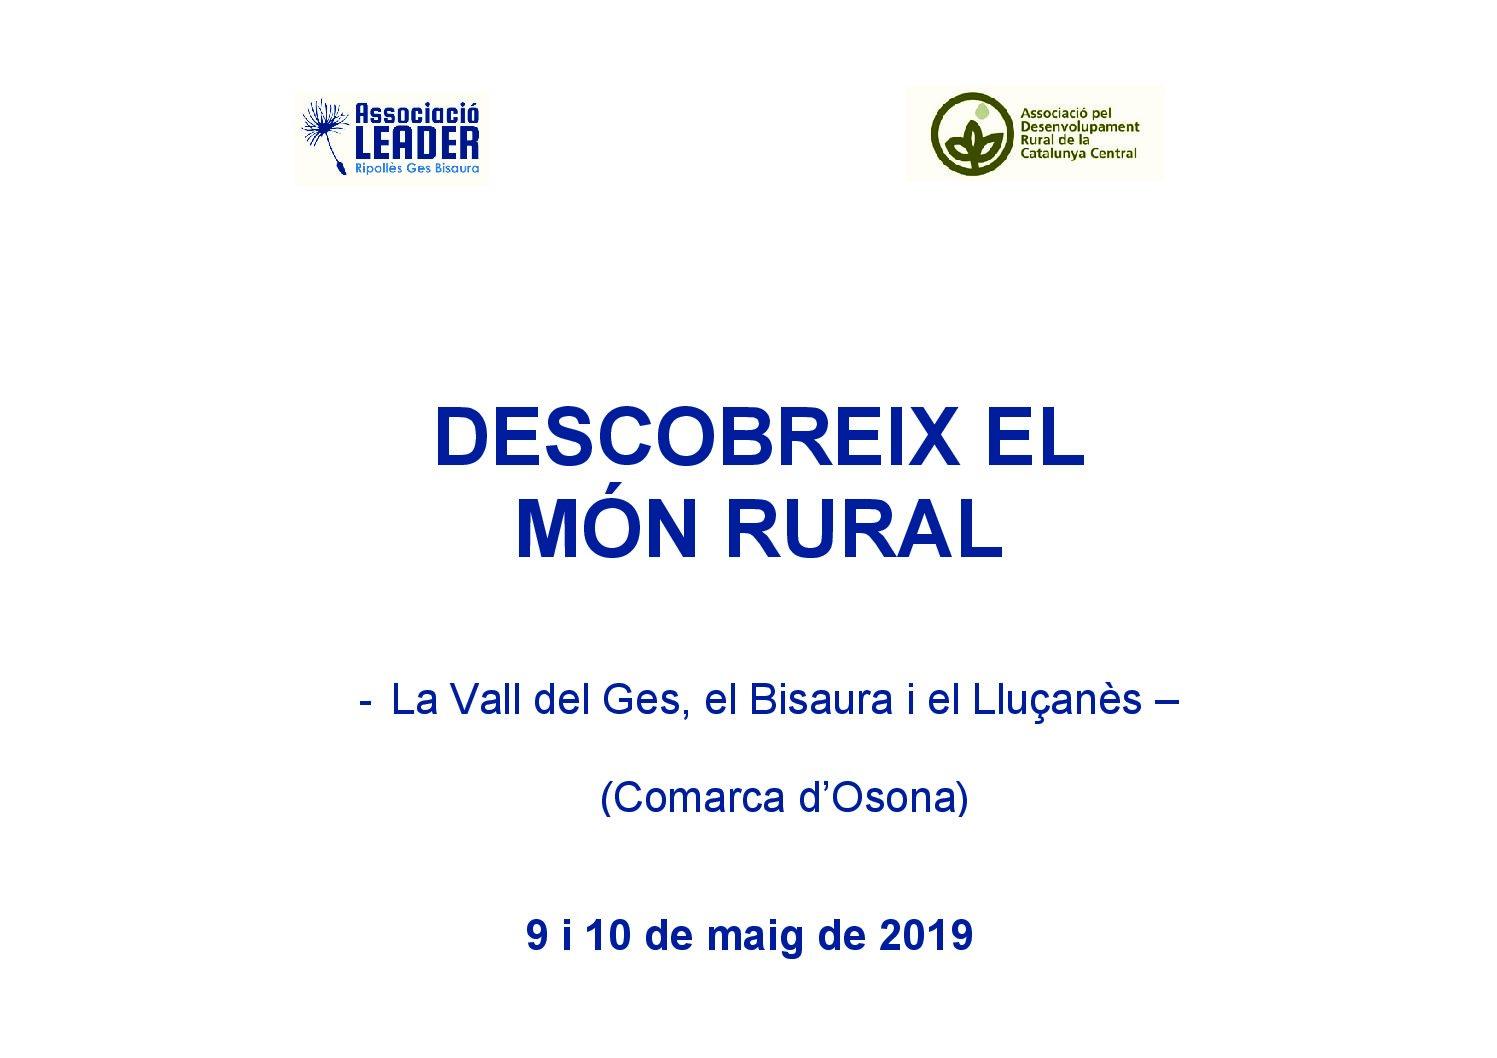 """Jornada """"Descobreix el món rural"""" de la comarca d'Osona"""